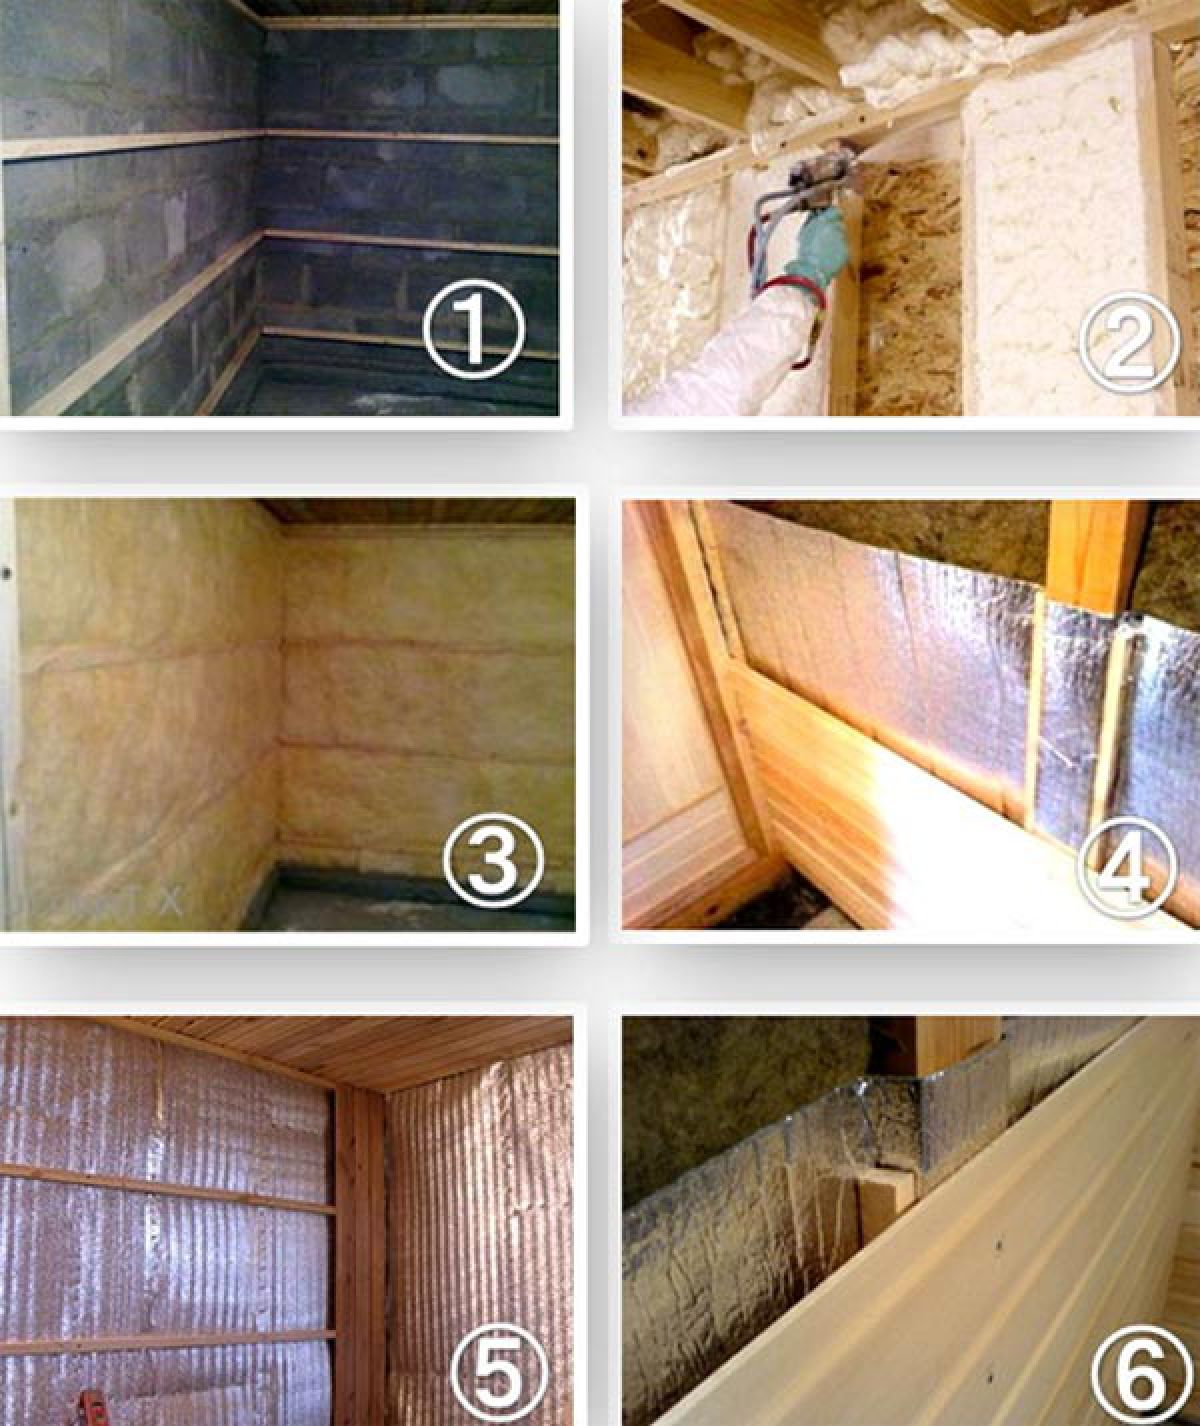 Утеплитель для бани: обзор предложений на строительном рынке